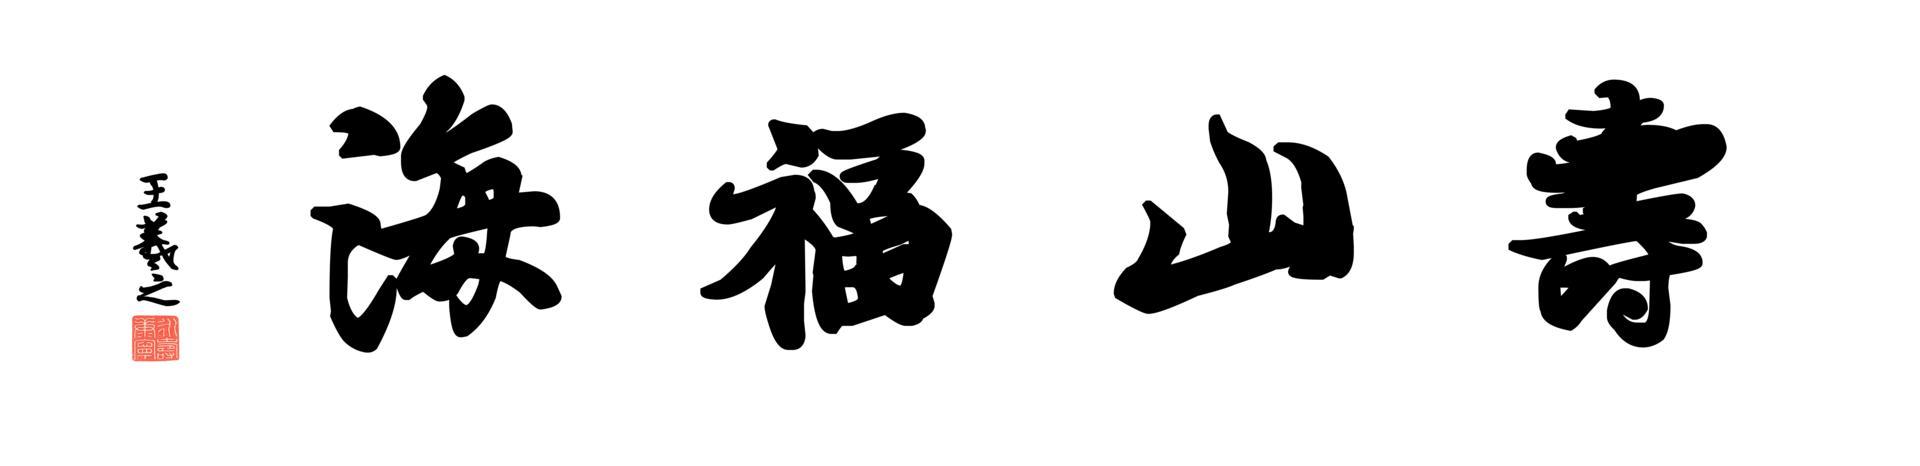 0167_王羲之兰亭体数字书法-四字横幅寿山福海136x33cm_21417x5197PX_TIF_400DPI_326_0